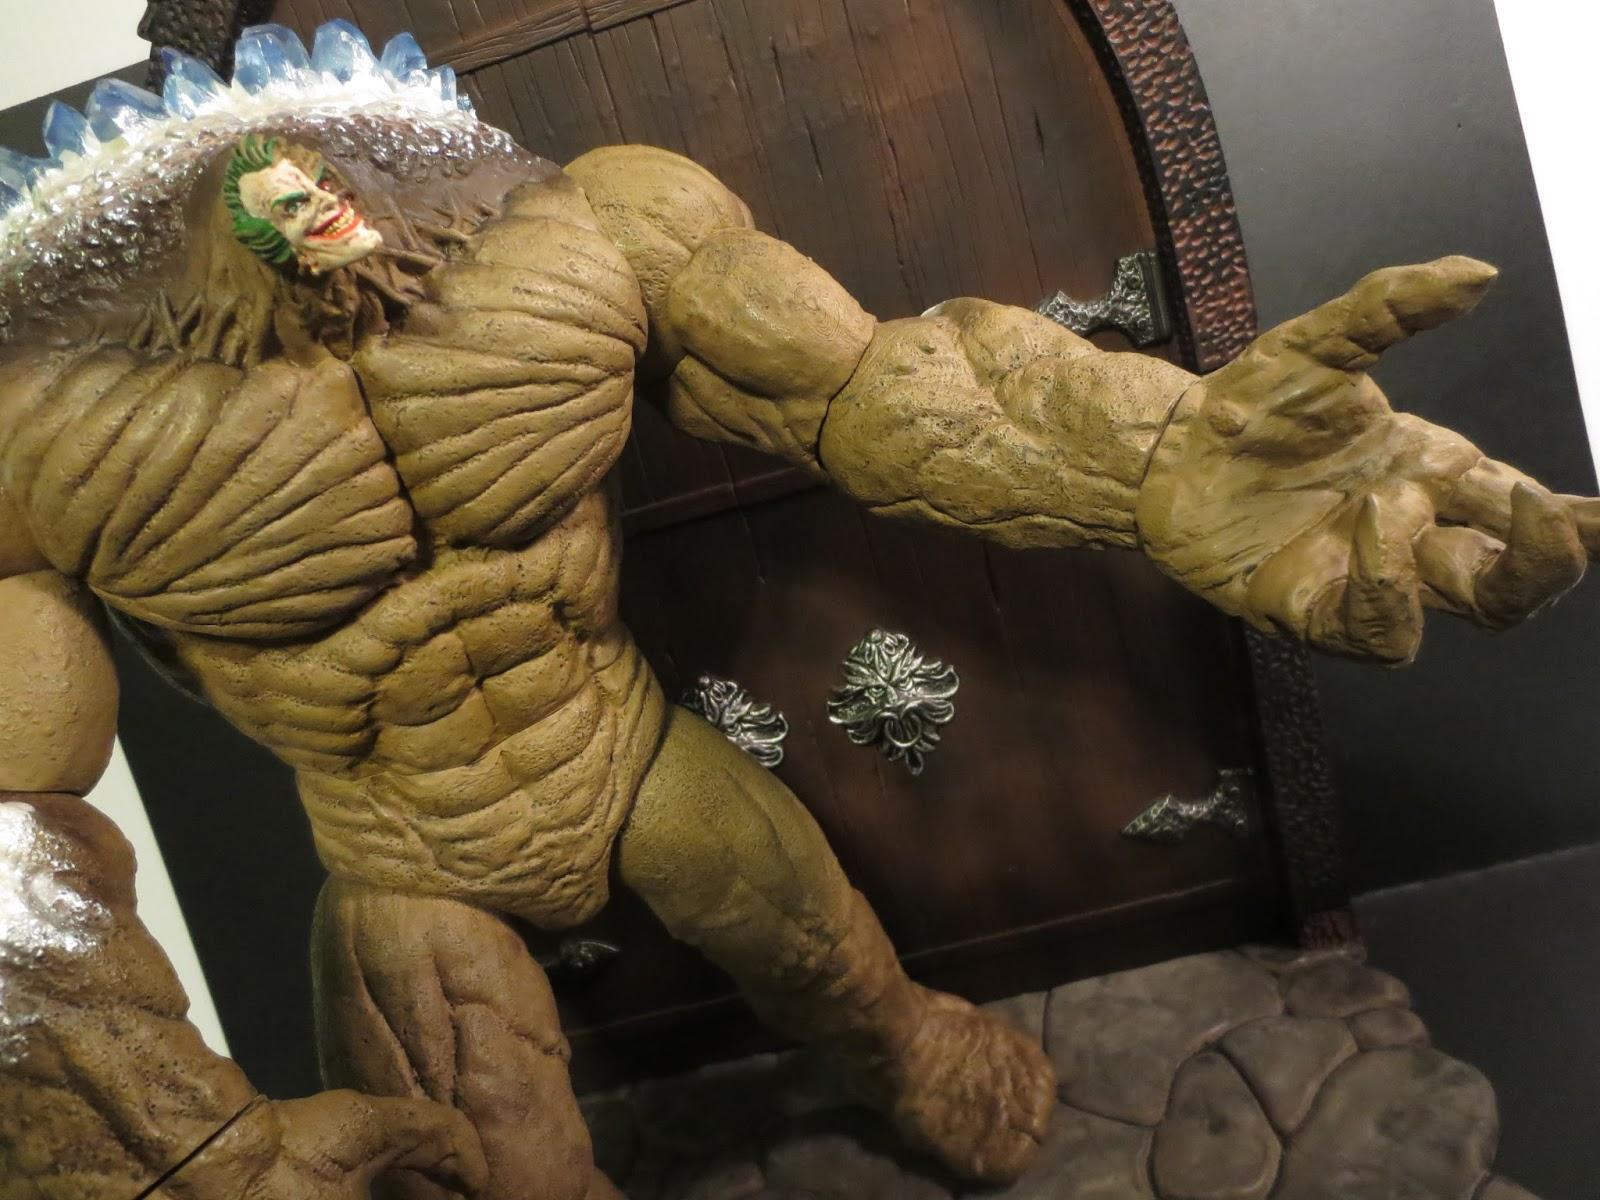 DC Collectibles Batman: Arkham City CLAYFACE Action Figure ...  |Clayface Action Figure